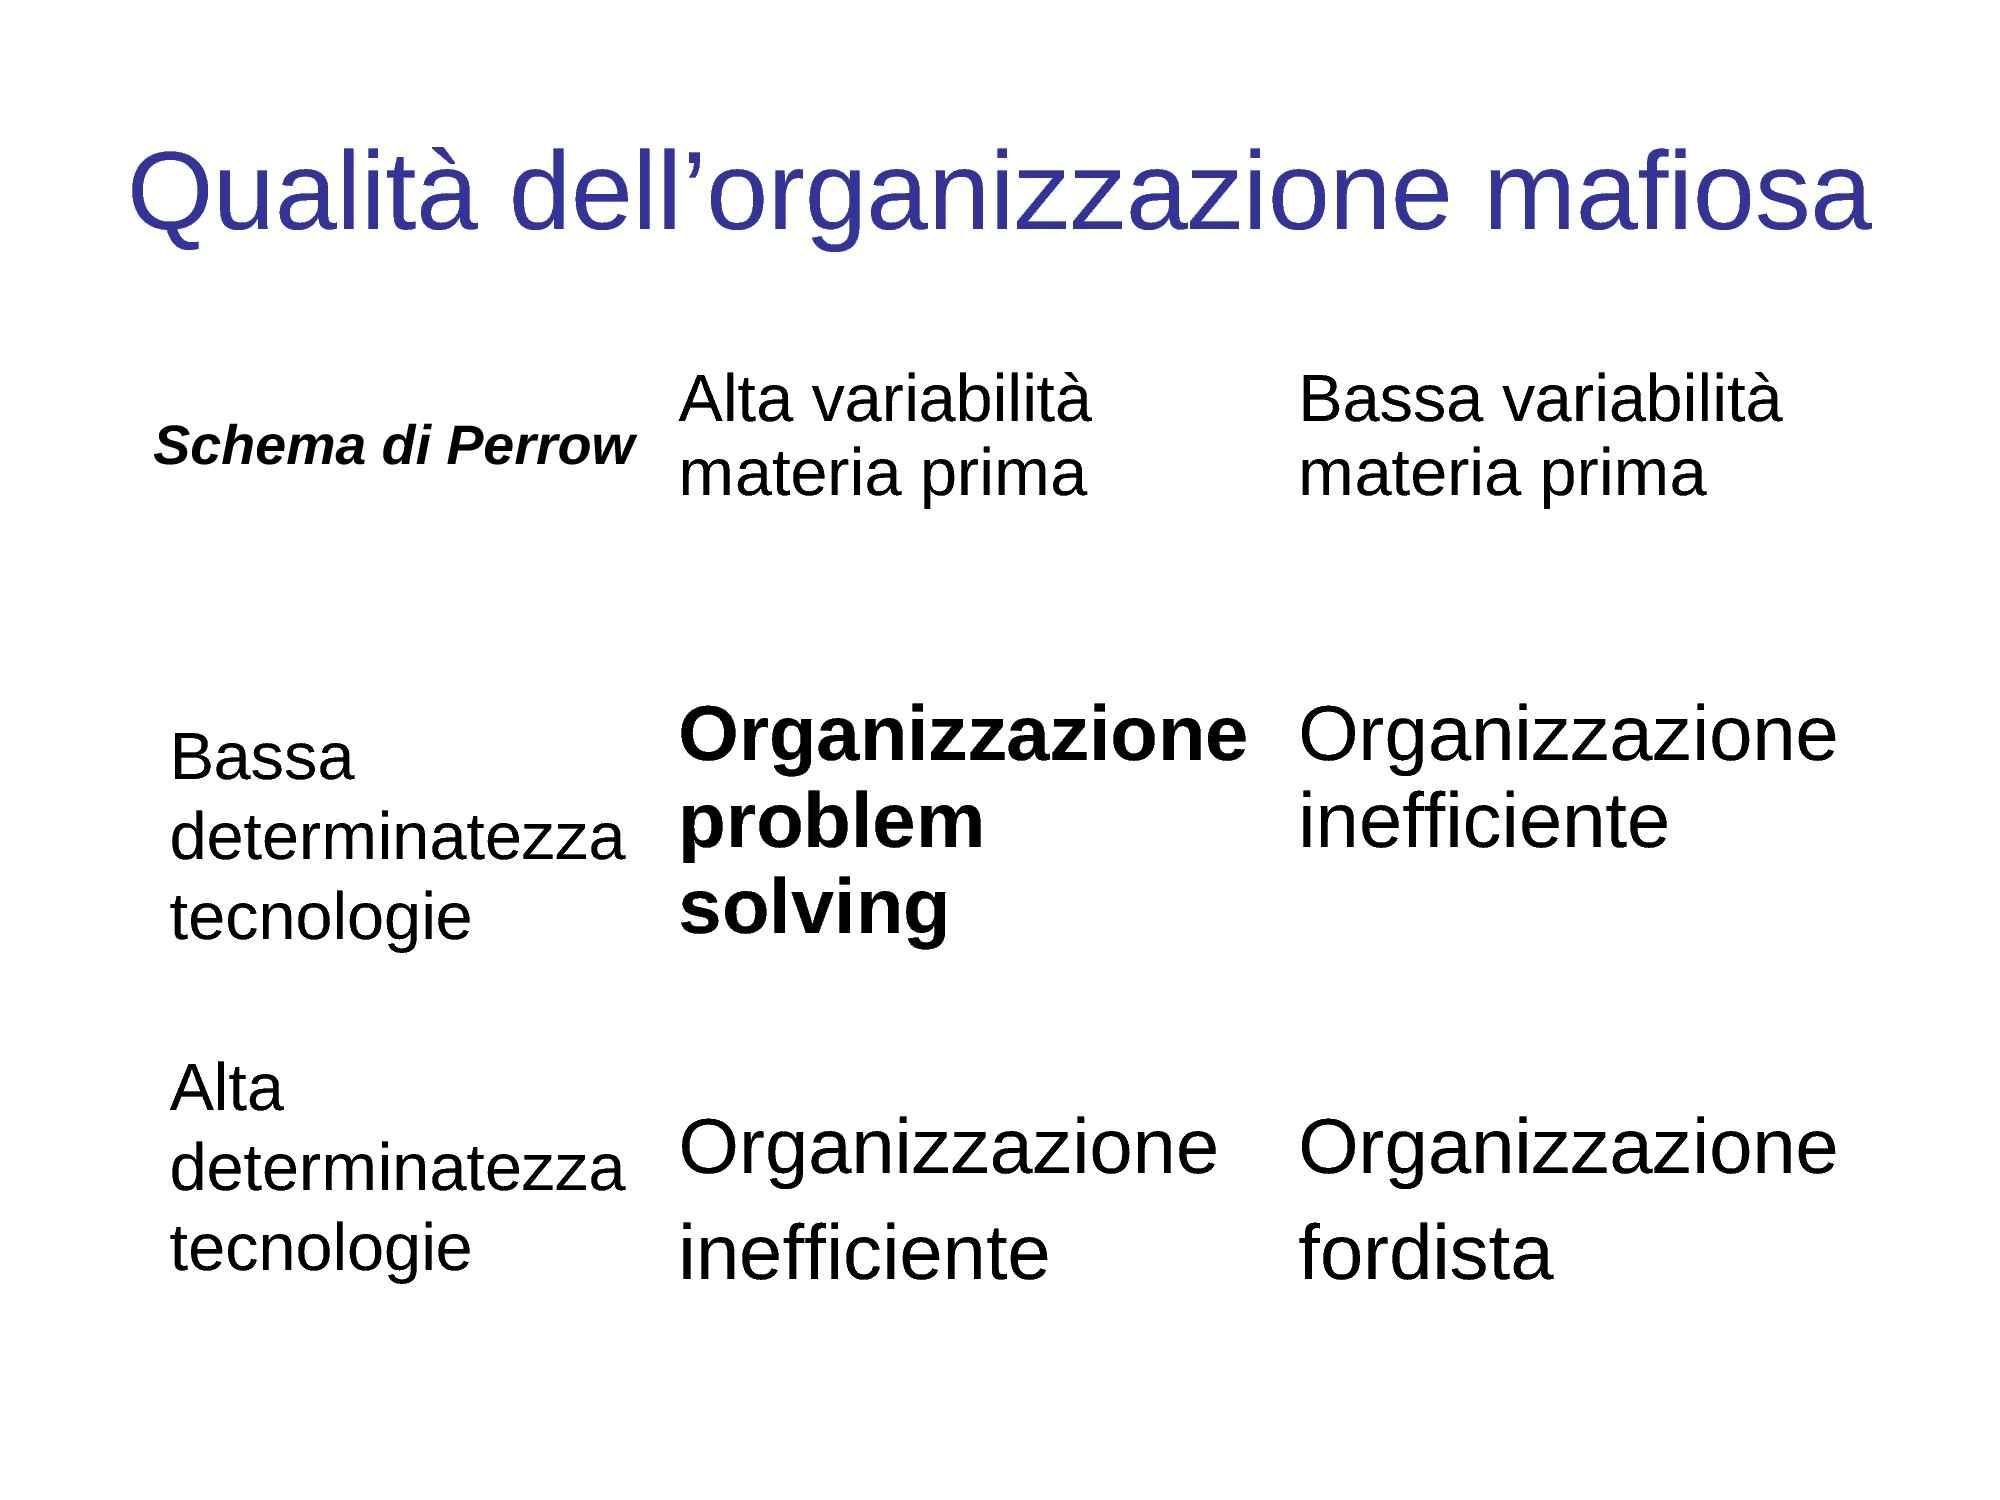 Qualità dell'organizzazione mafiosa